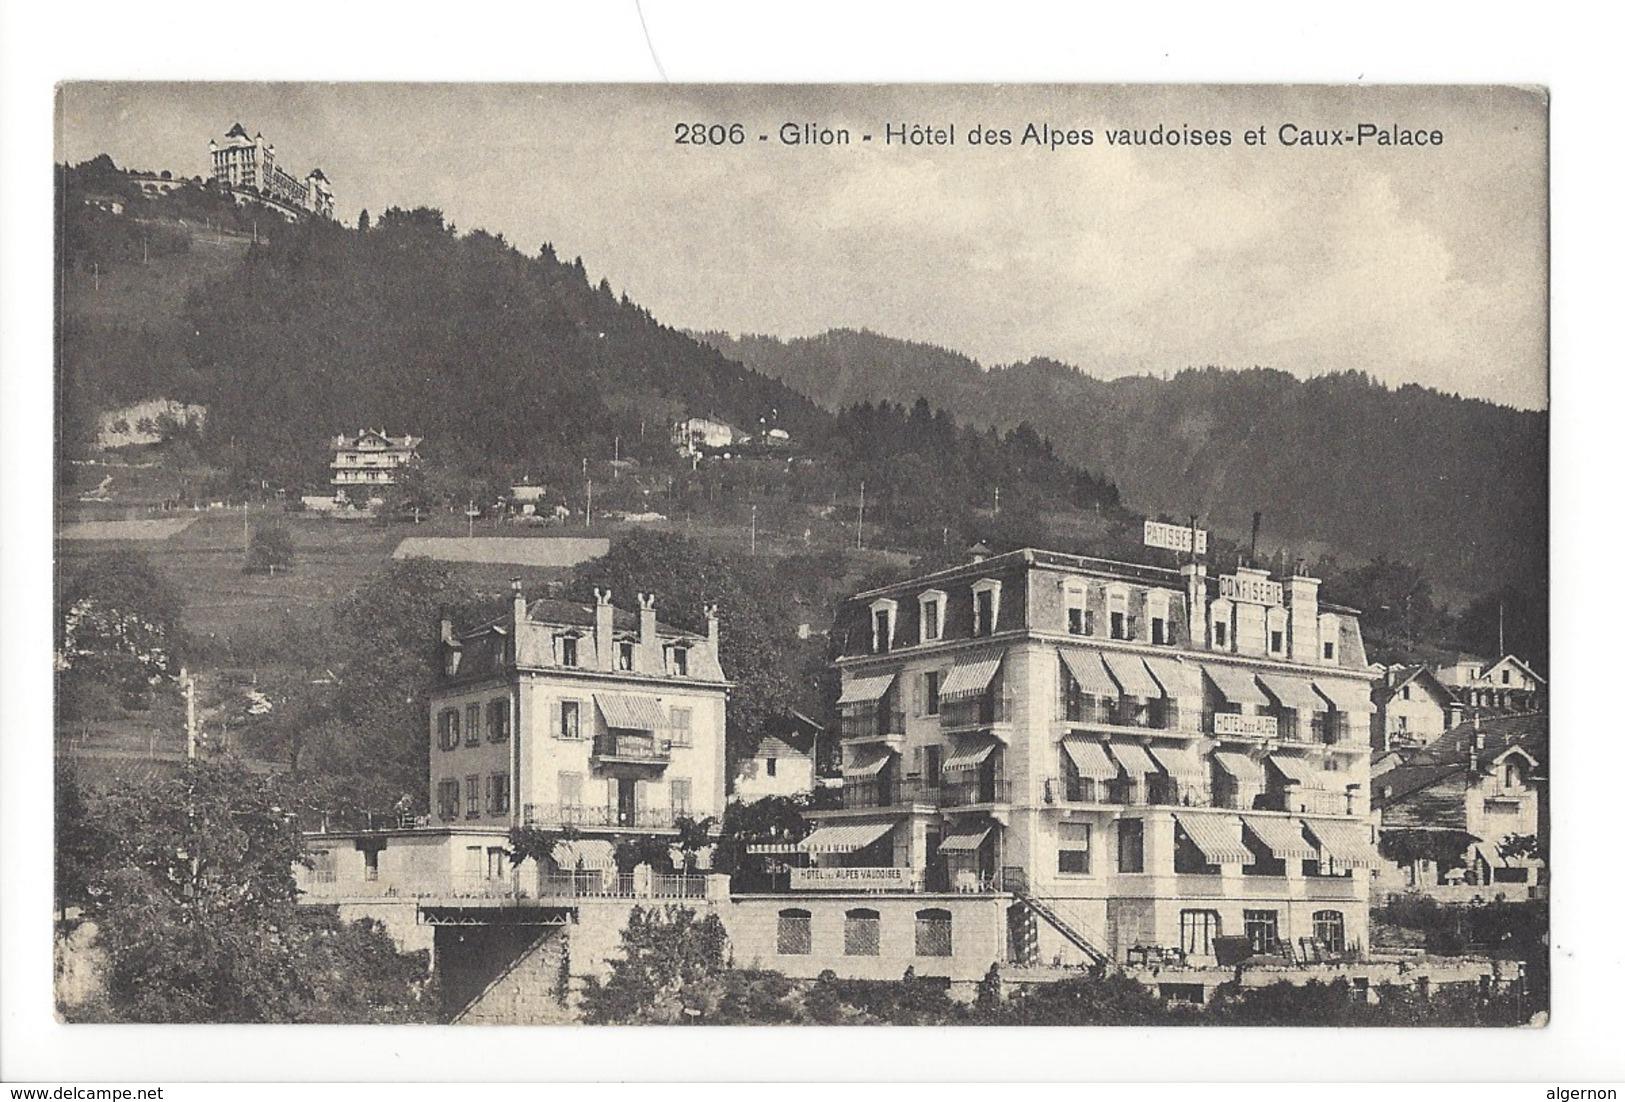 15149 - Glion Hôtel Des Alpes Vaudoises Et Caux-Palace - VD Vaud